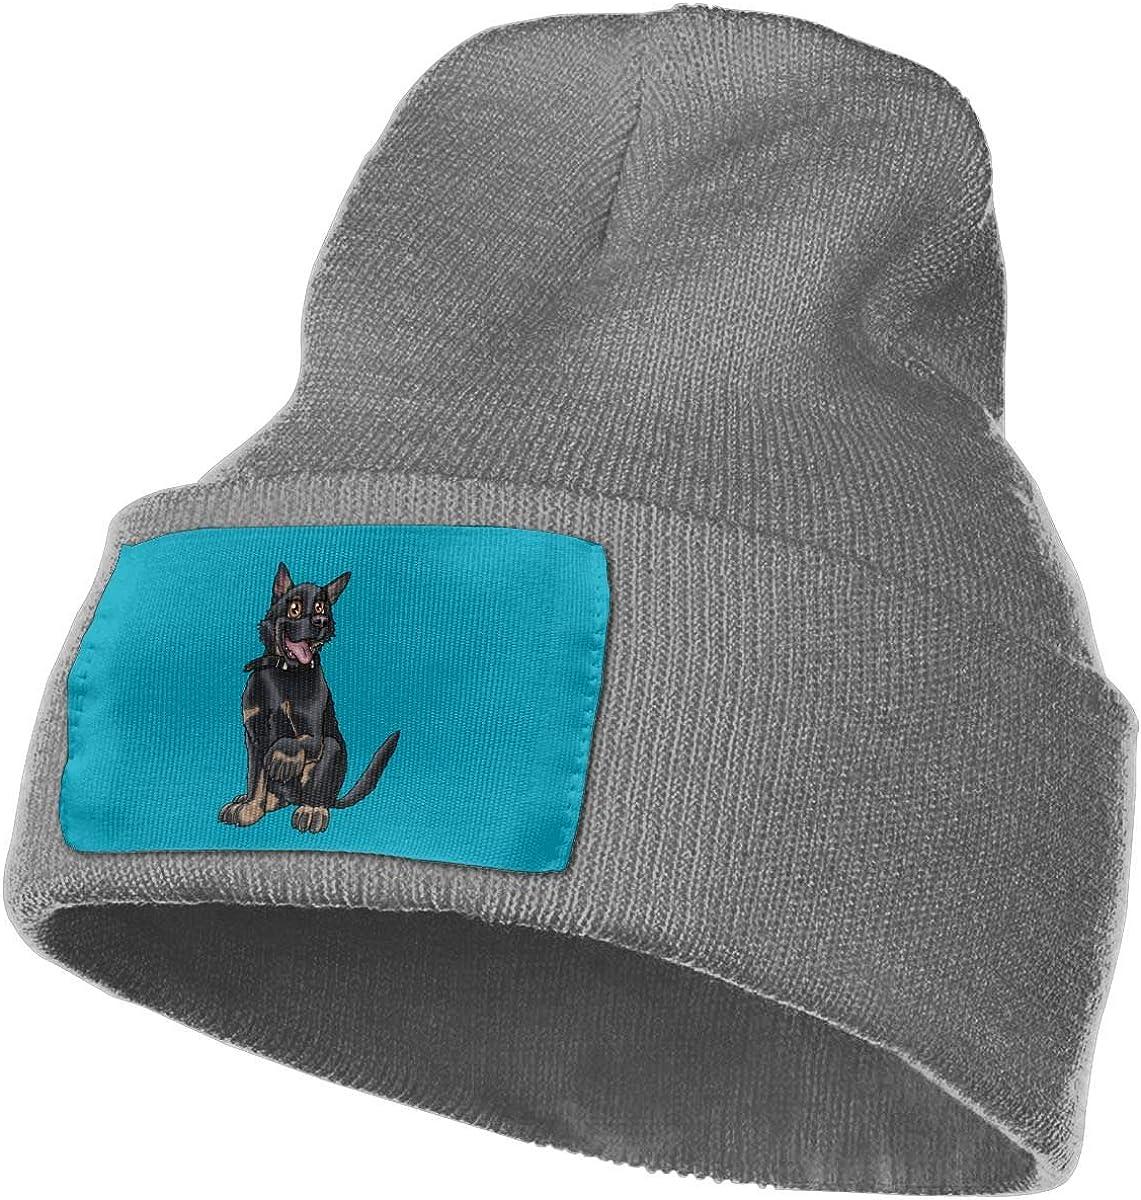 Oopp Jfhg Happy Shepherd Dog Wool Cap Skull Caps Unisex Winter Deep Heather